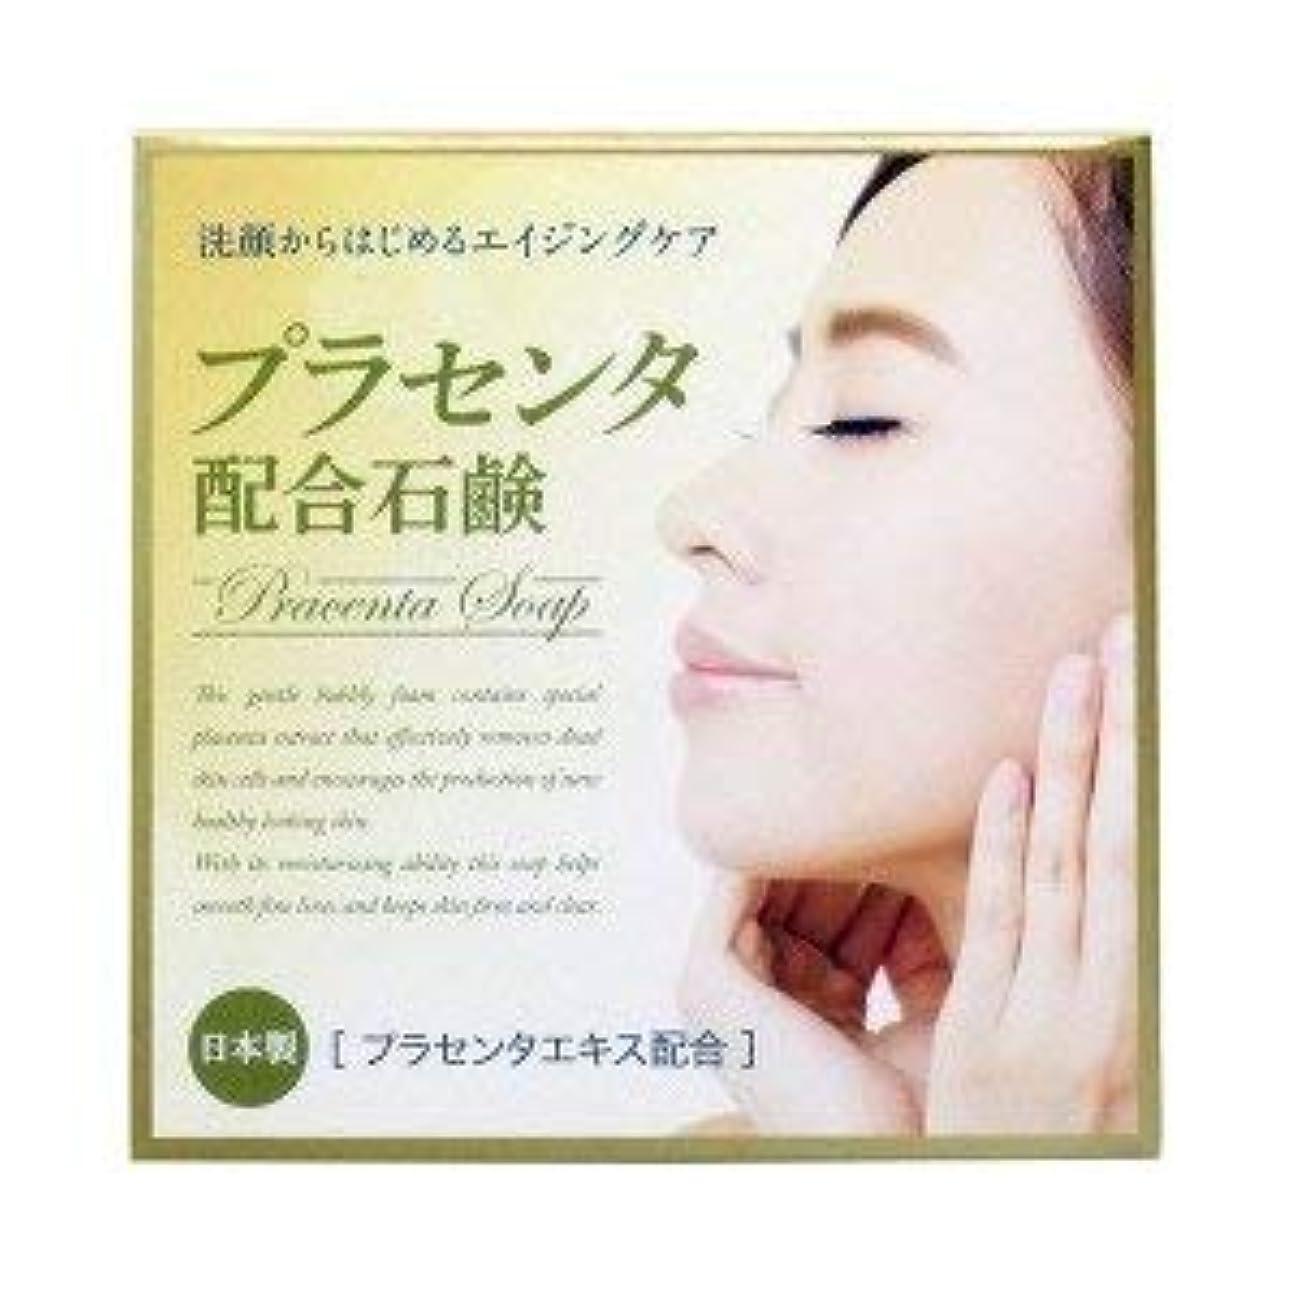 キャンペーンこれら長いですプラセンタ配合石鹸 80g×2 2個1セット プラセンタエキス保湿成分配合 日本製